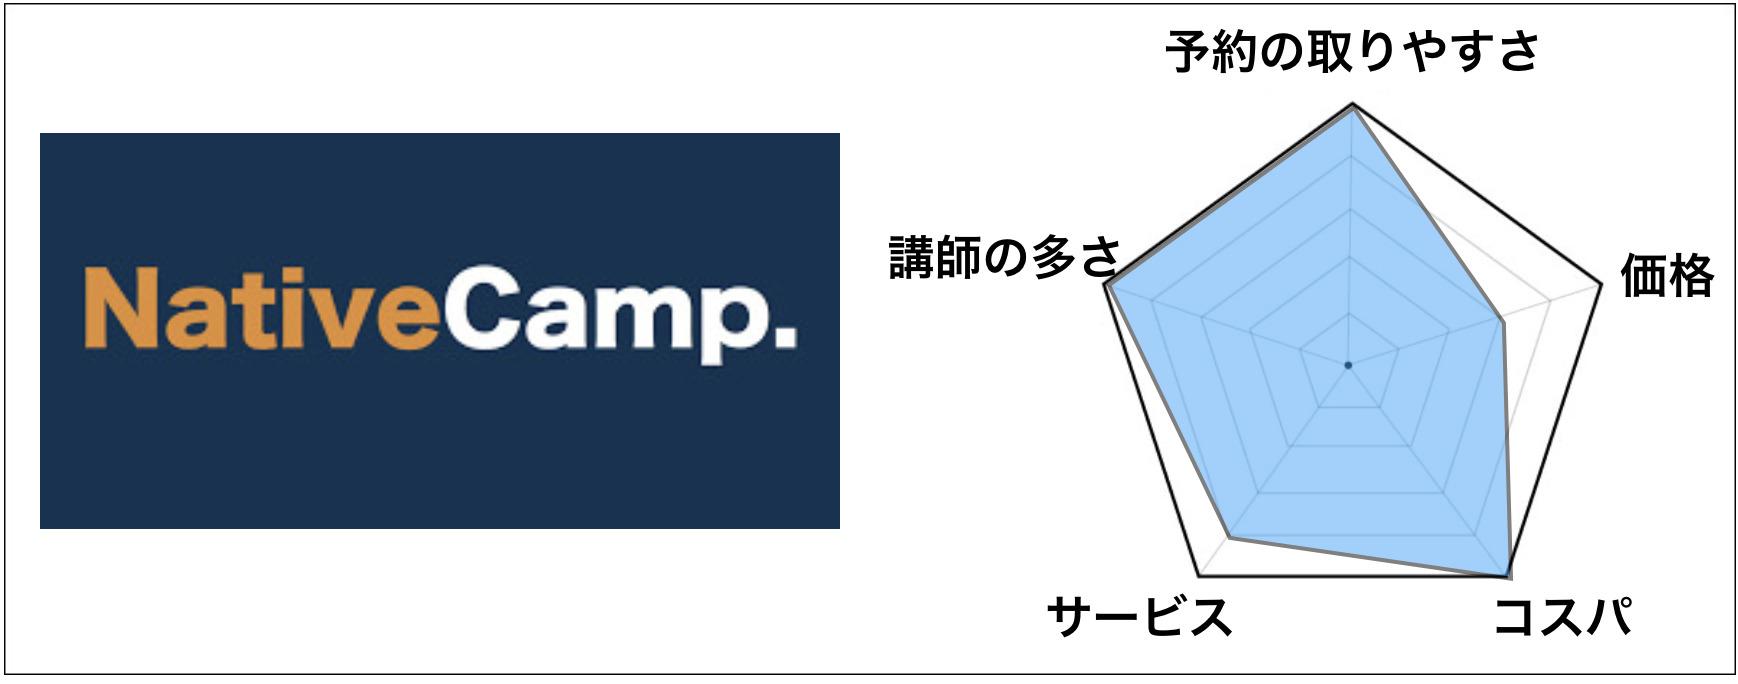 第1位「ネイティブキャンプ」